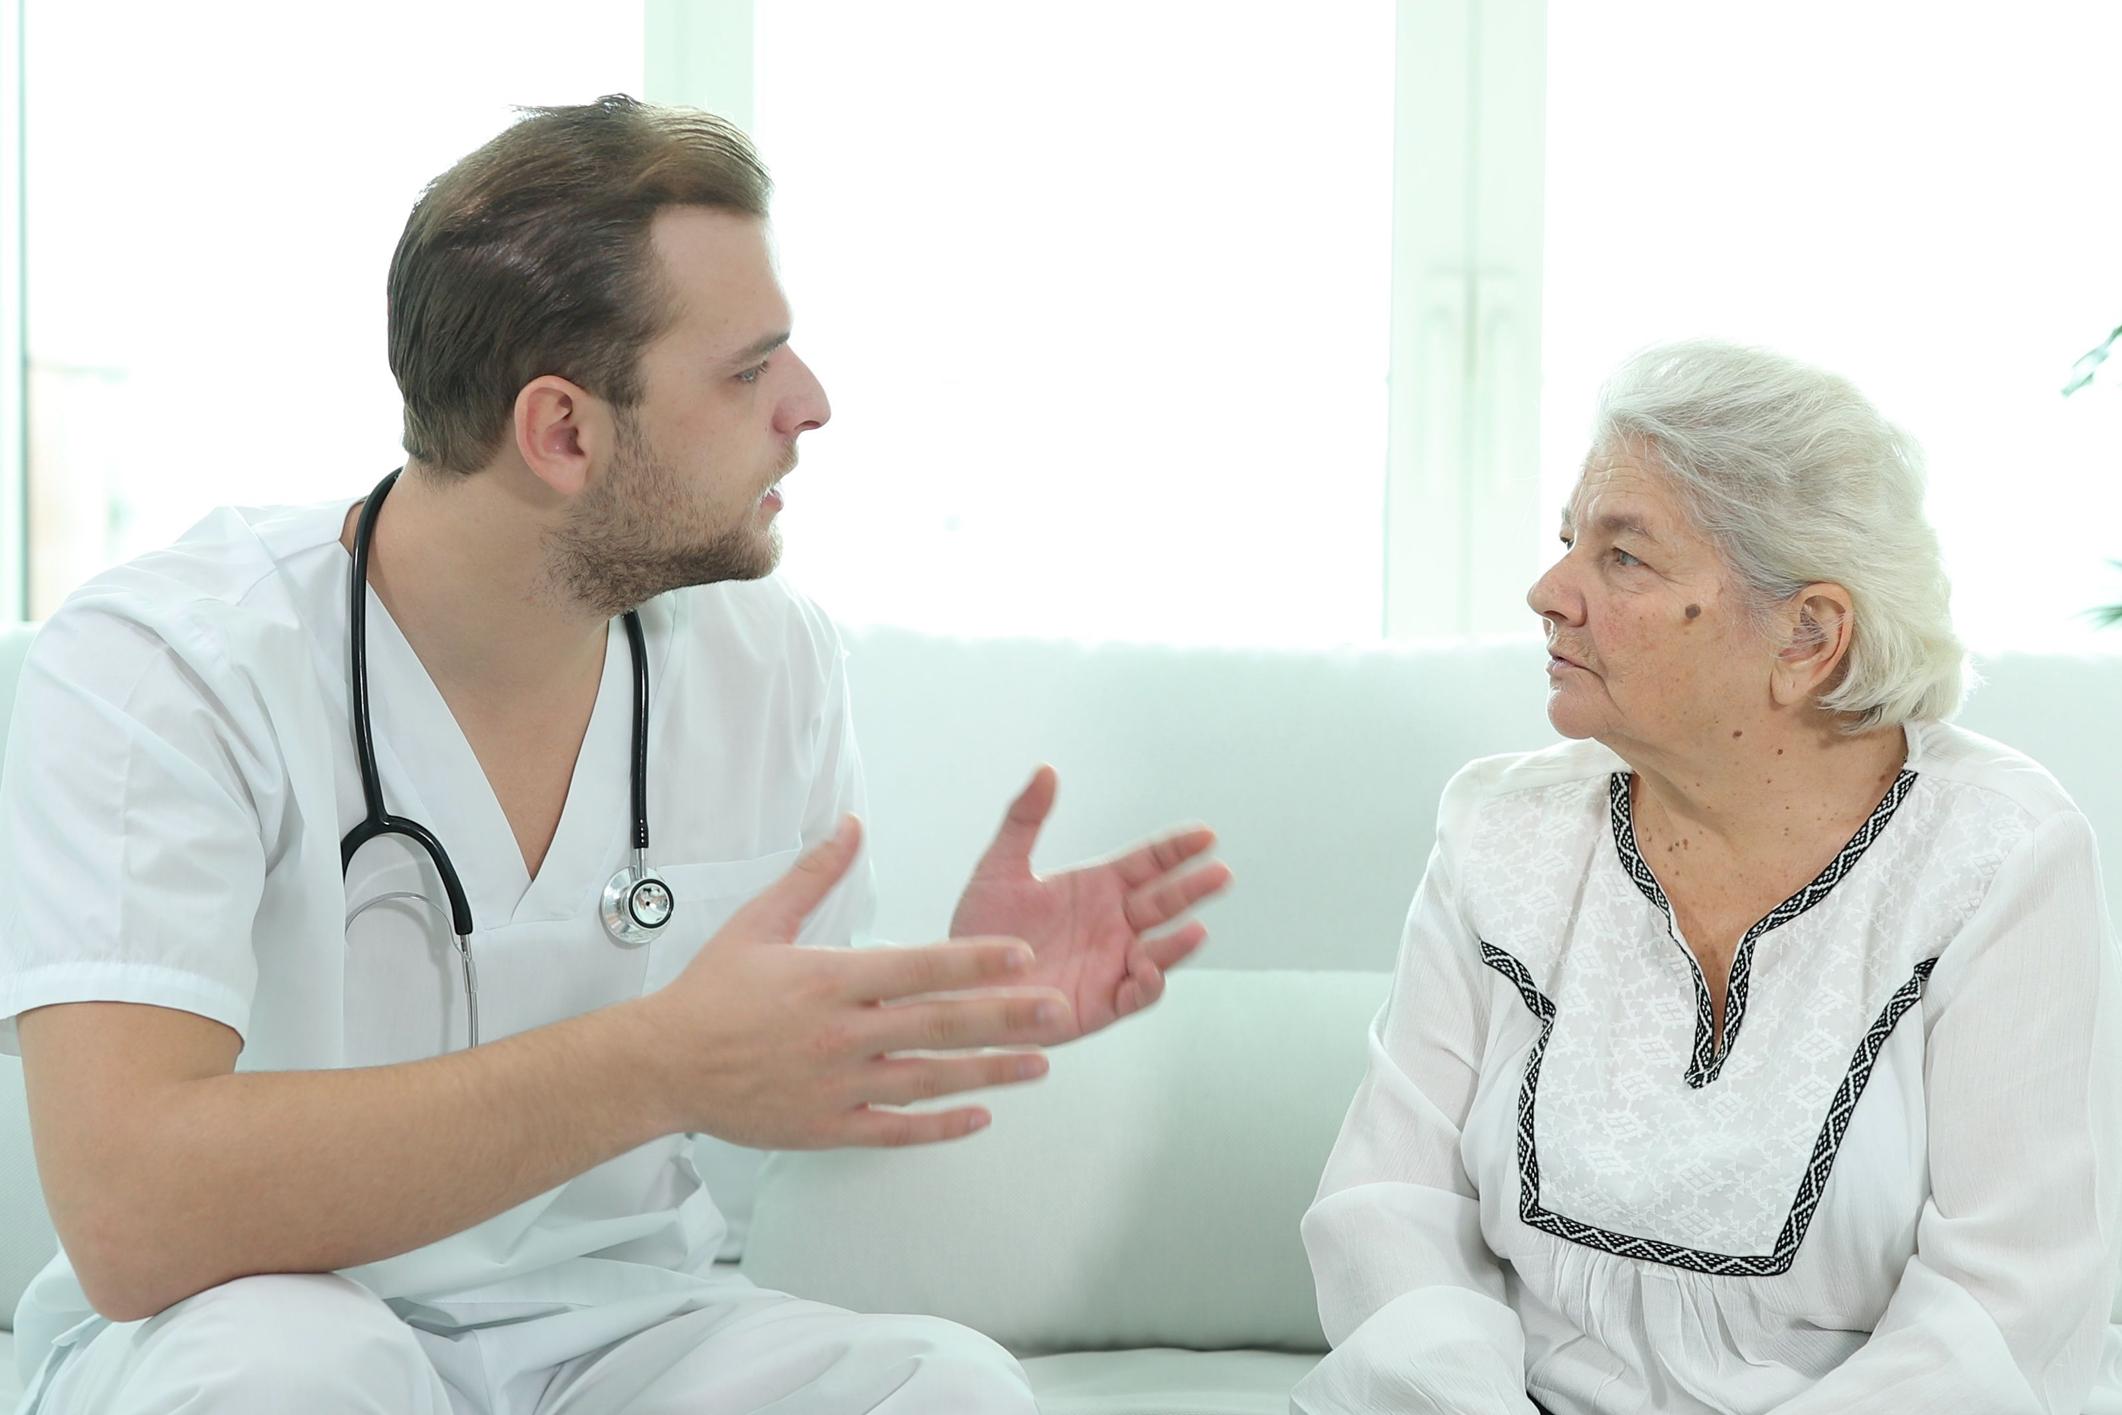 هزینه ویزیت پزشک عمومی در منزل به چه عواملی بستگی دارد؟